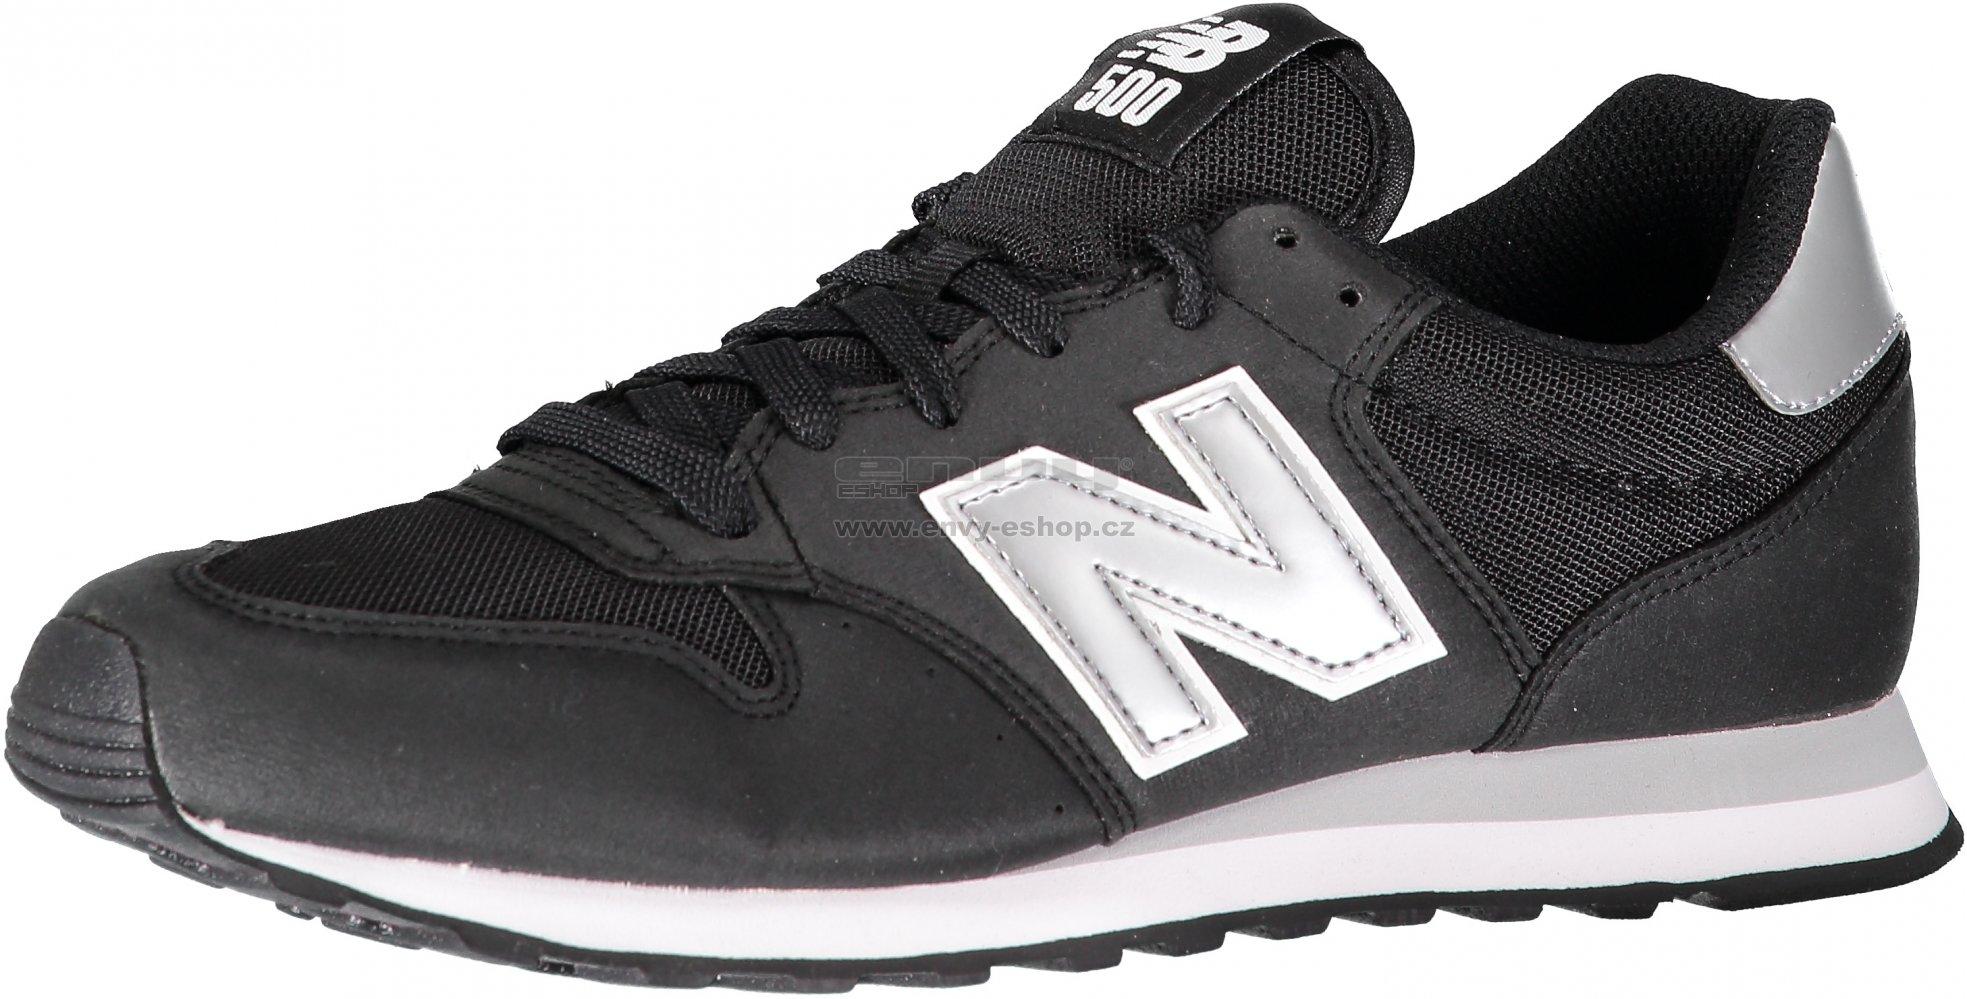 Pánská obuv NEW BALANCE GM500KSW BLACK SILVER velikost  EU 44 (UK 9 ... d1cea67bc4